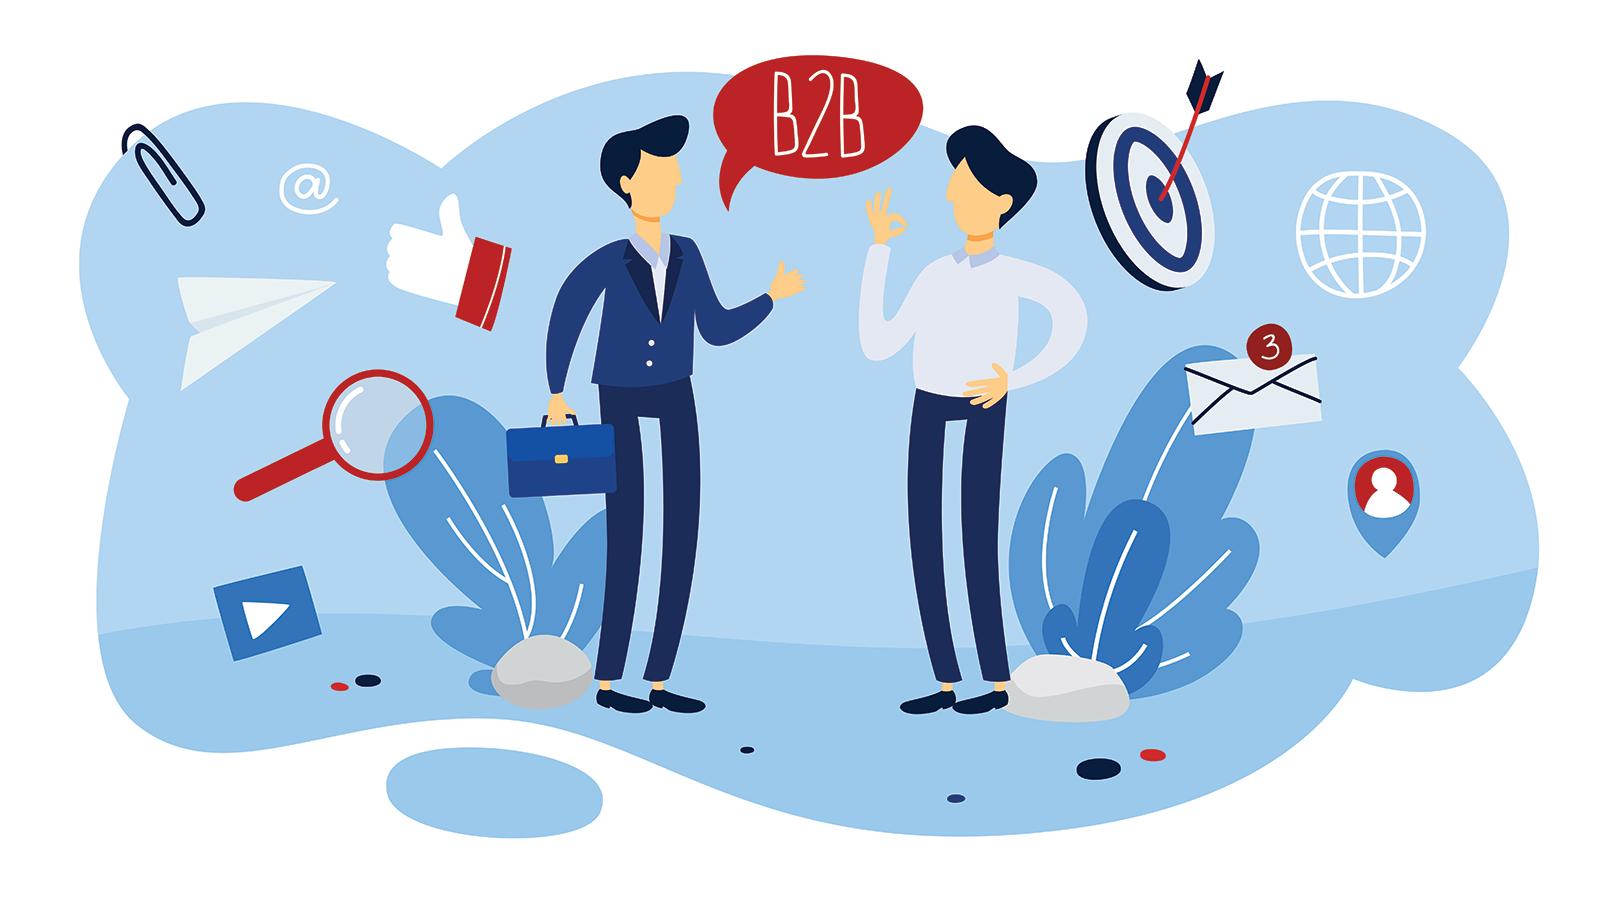 Diferencias entre el buyer persona B2B y B2C